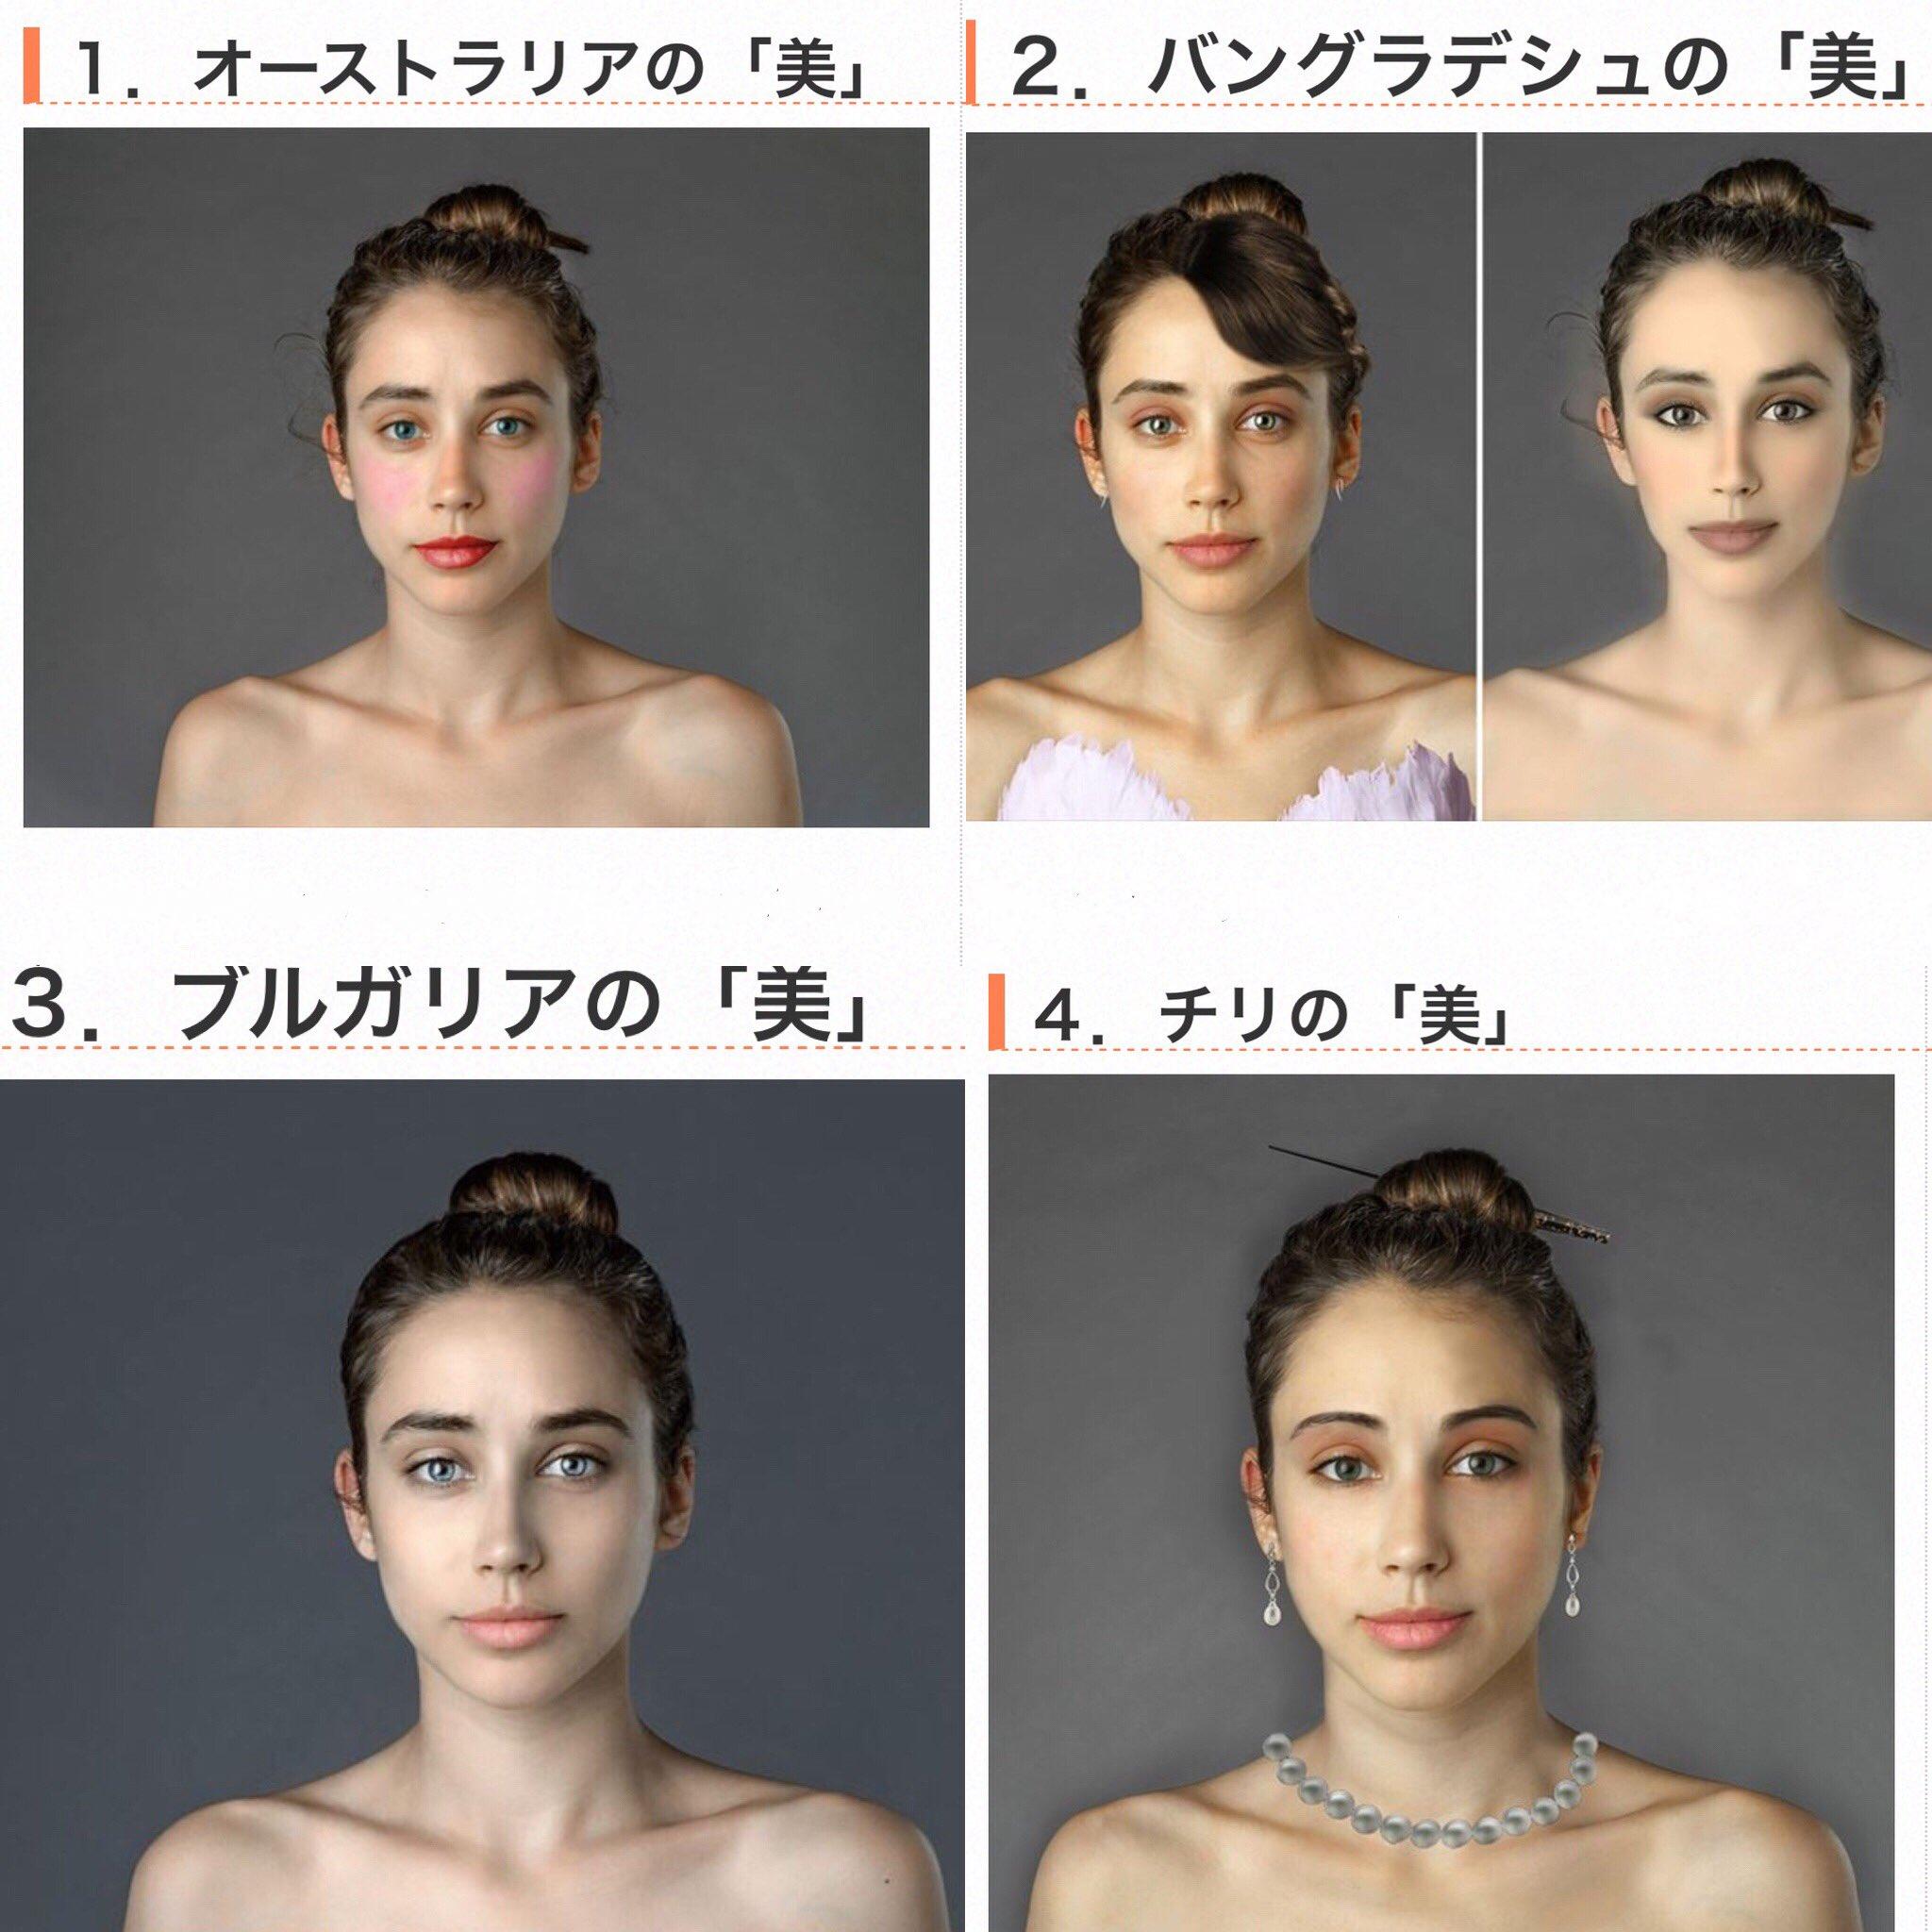 国によって変わる美人の定義。 あるジャーナリストの女性が17国のフリーランサーに自分の写真を送り、加工で美しく変身させてと依頼。素顔でも十分綺麗な彼女だけど、捉え方は人それぞれ。眉の形やメイクの色味に各国の個性が出る。アメリカの面長を強調するツリ目加工や骨格を主張するチークが印象的